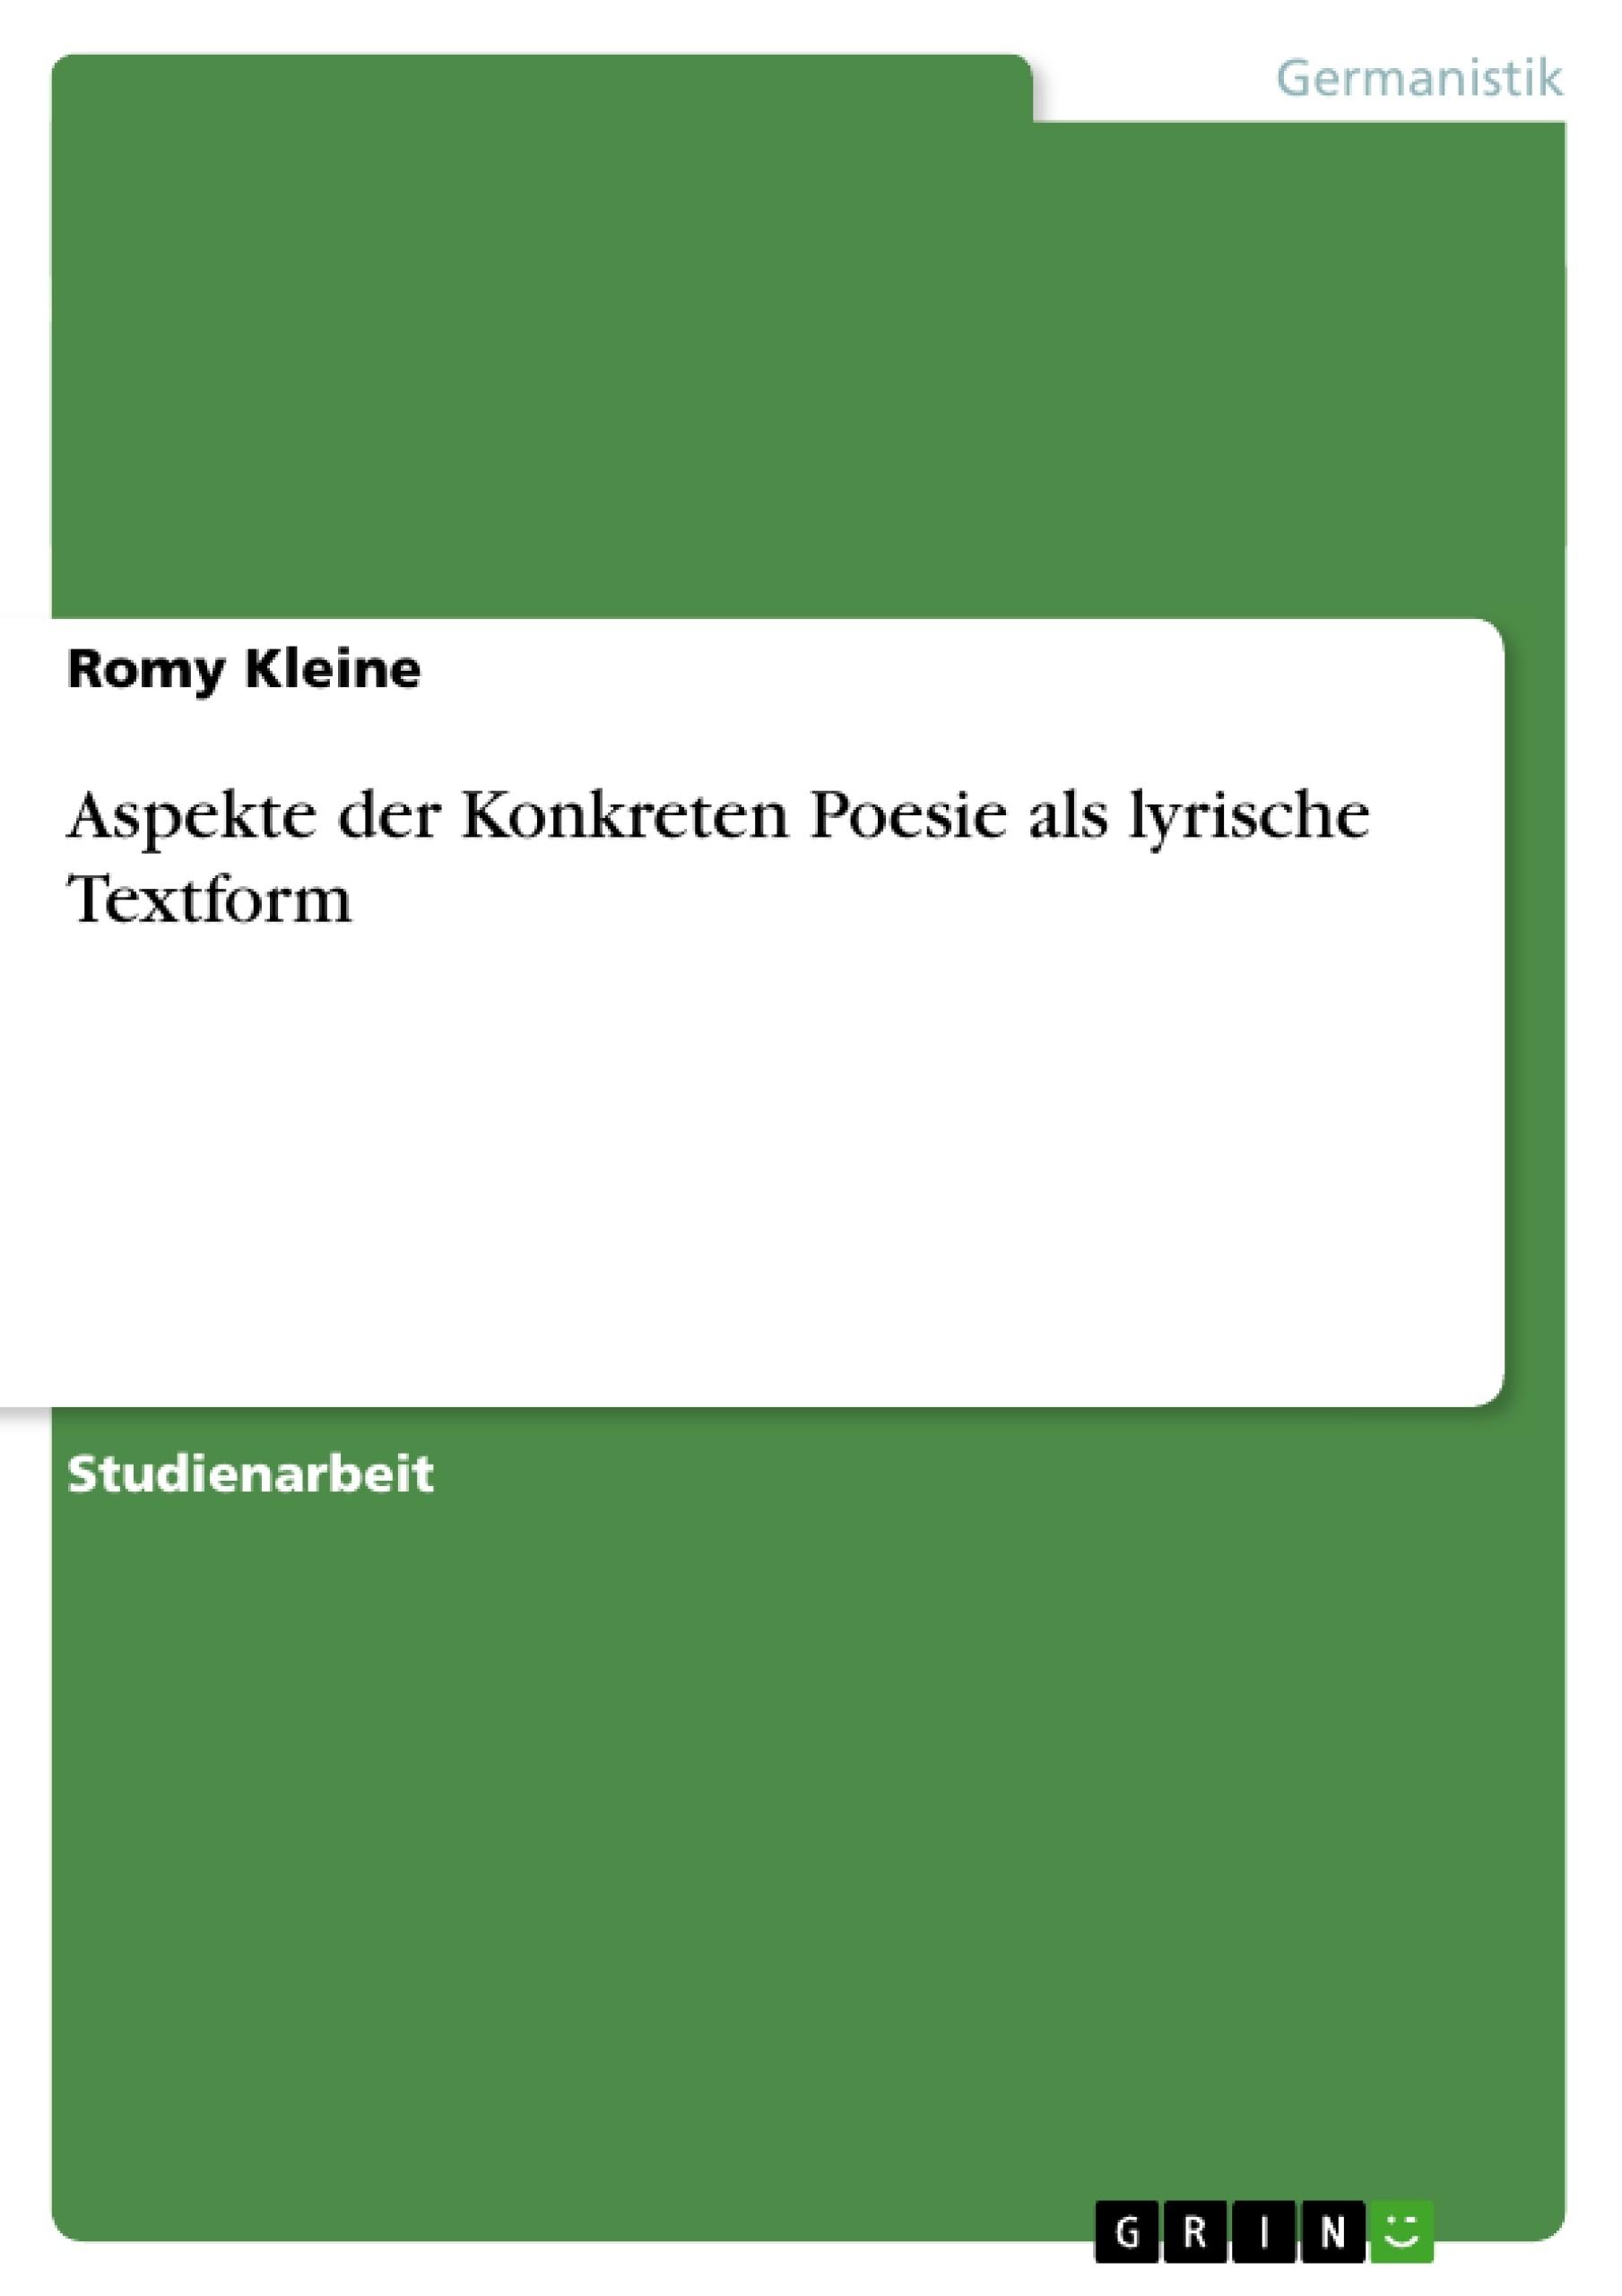 Titel: Aspekte der Konkreten Poesie als lyrische Textform